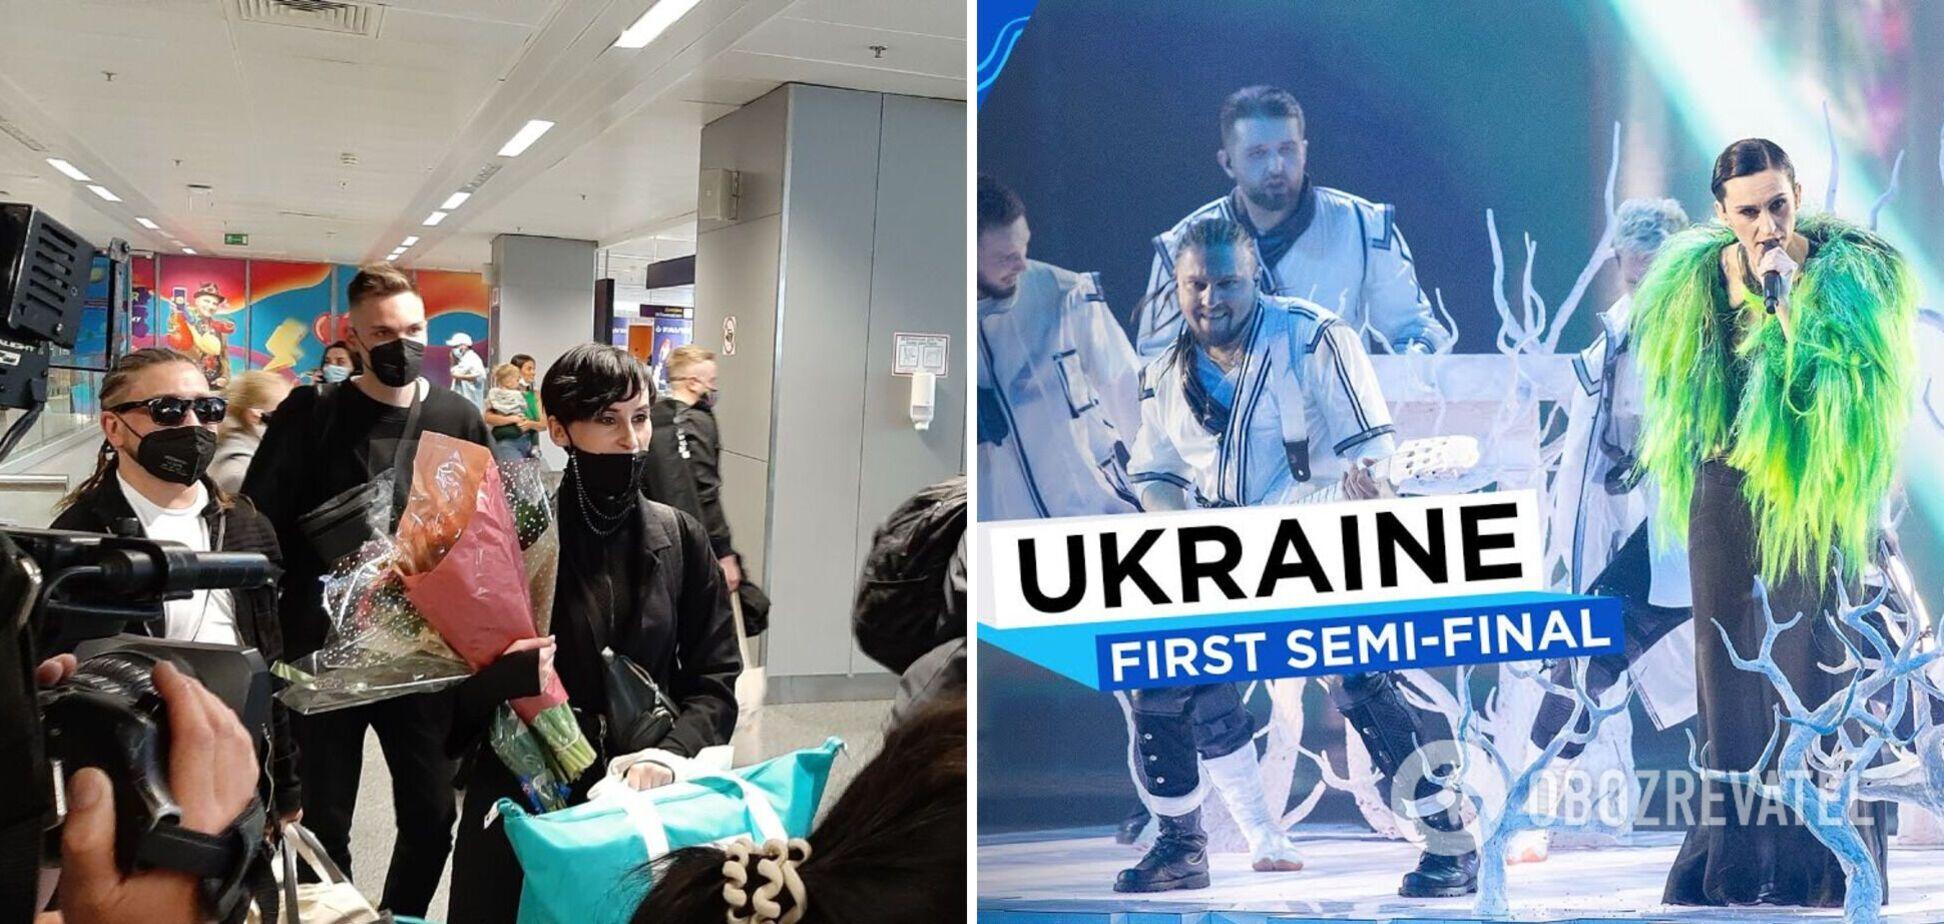 Go_A вернулись с Евровидения 2021, украинцы устроили теплый прием в аэропорту: фото и видео